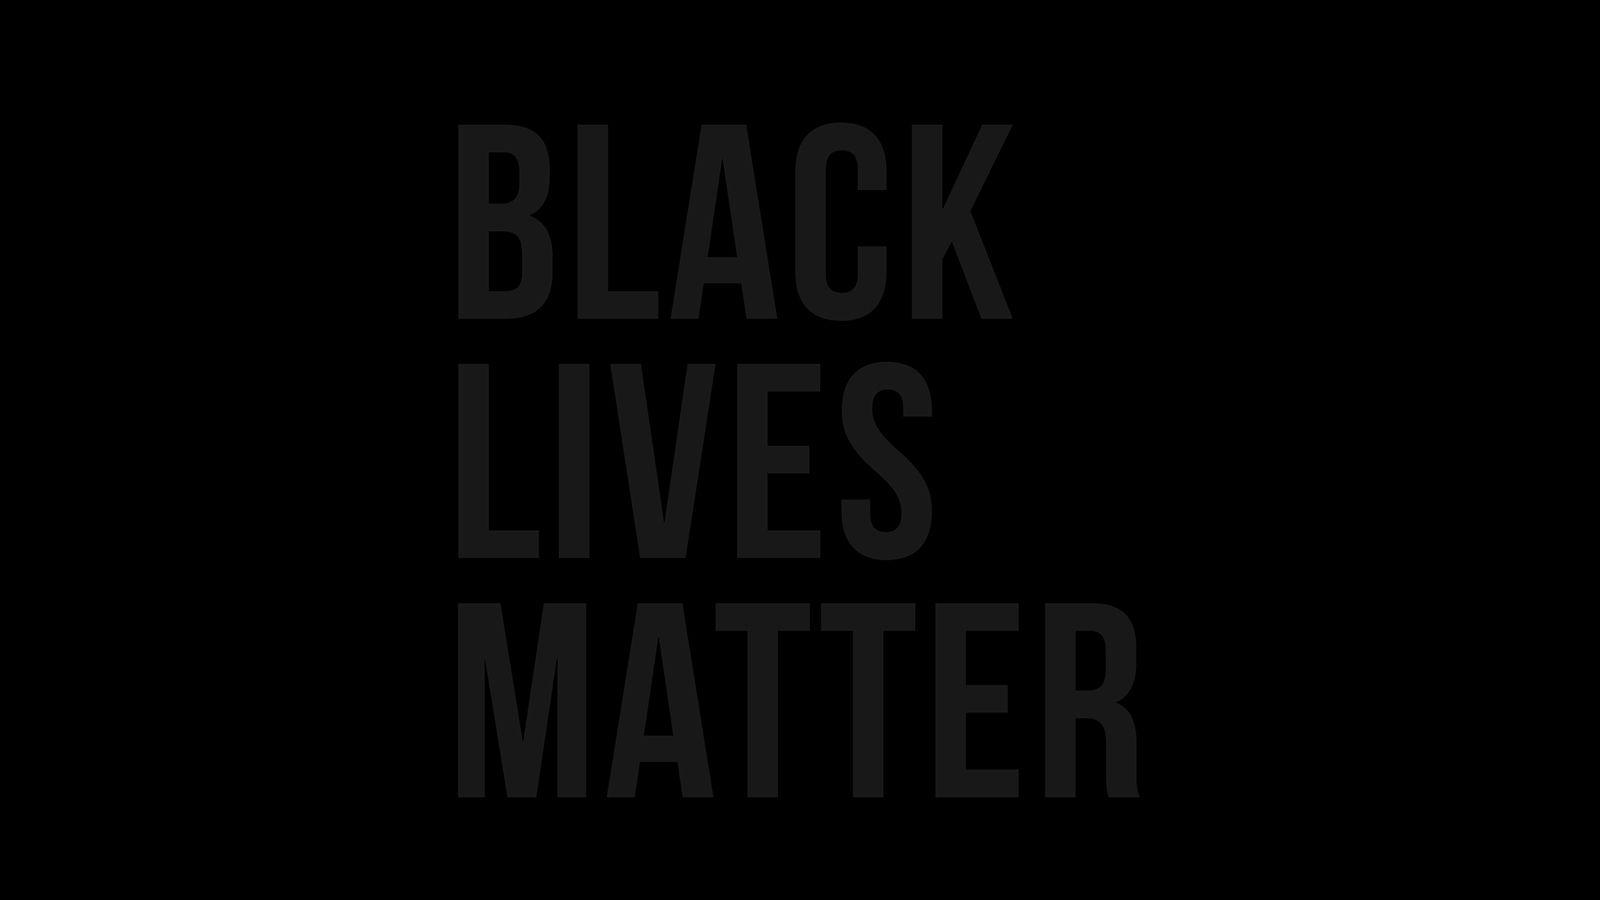 black lives matter symbols